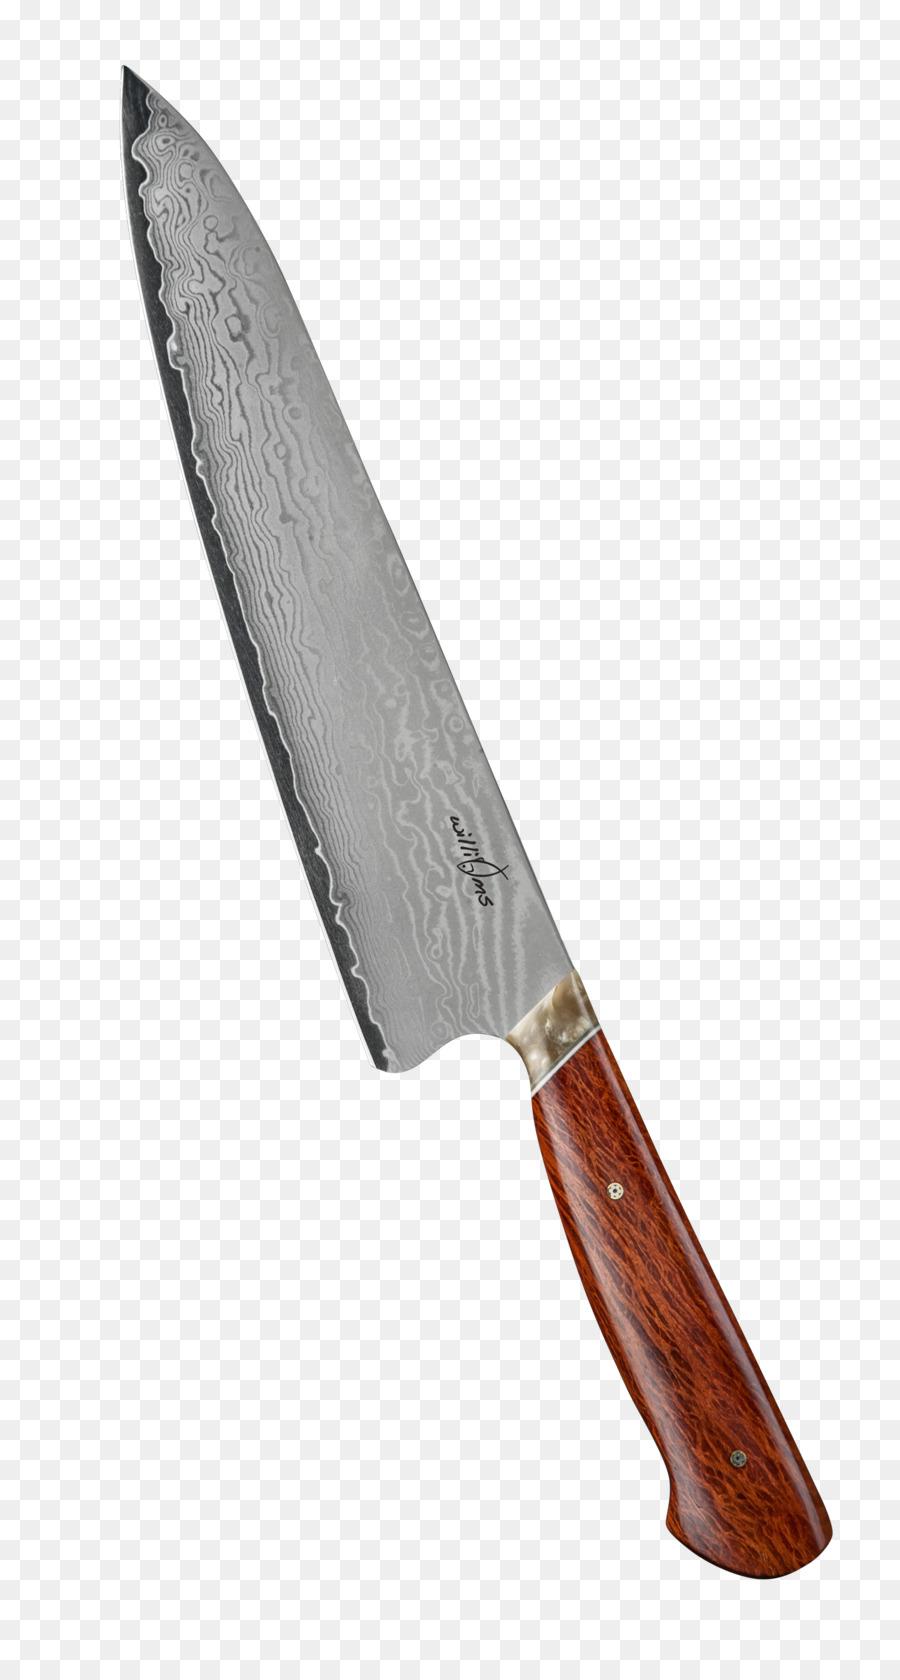 Messer Kuche Messer Werkzeug Waffe Klinge Messer Png